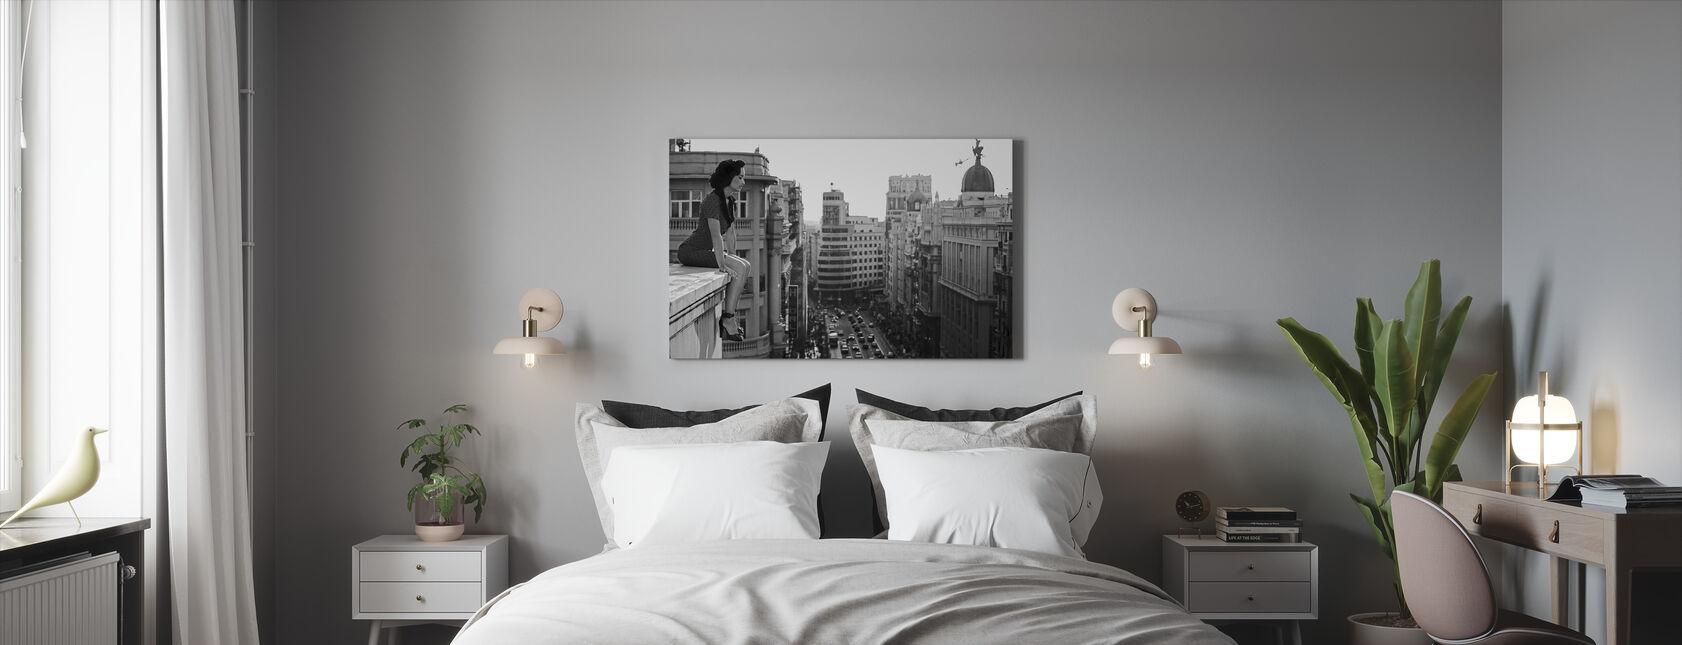 Mad Madrid, negra y blanca - Lienzo - Dormitorio